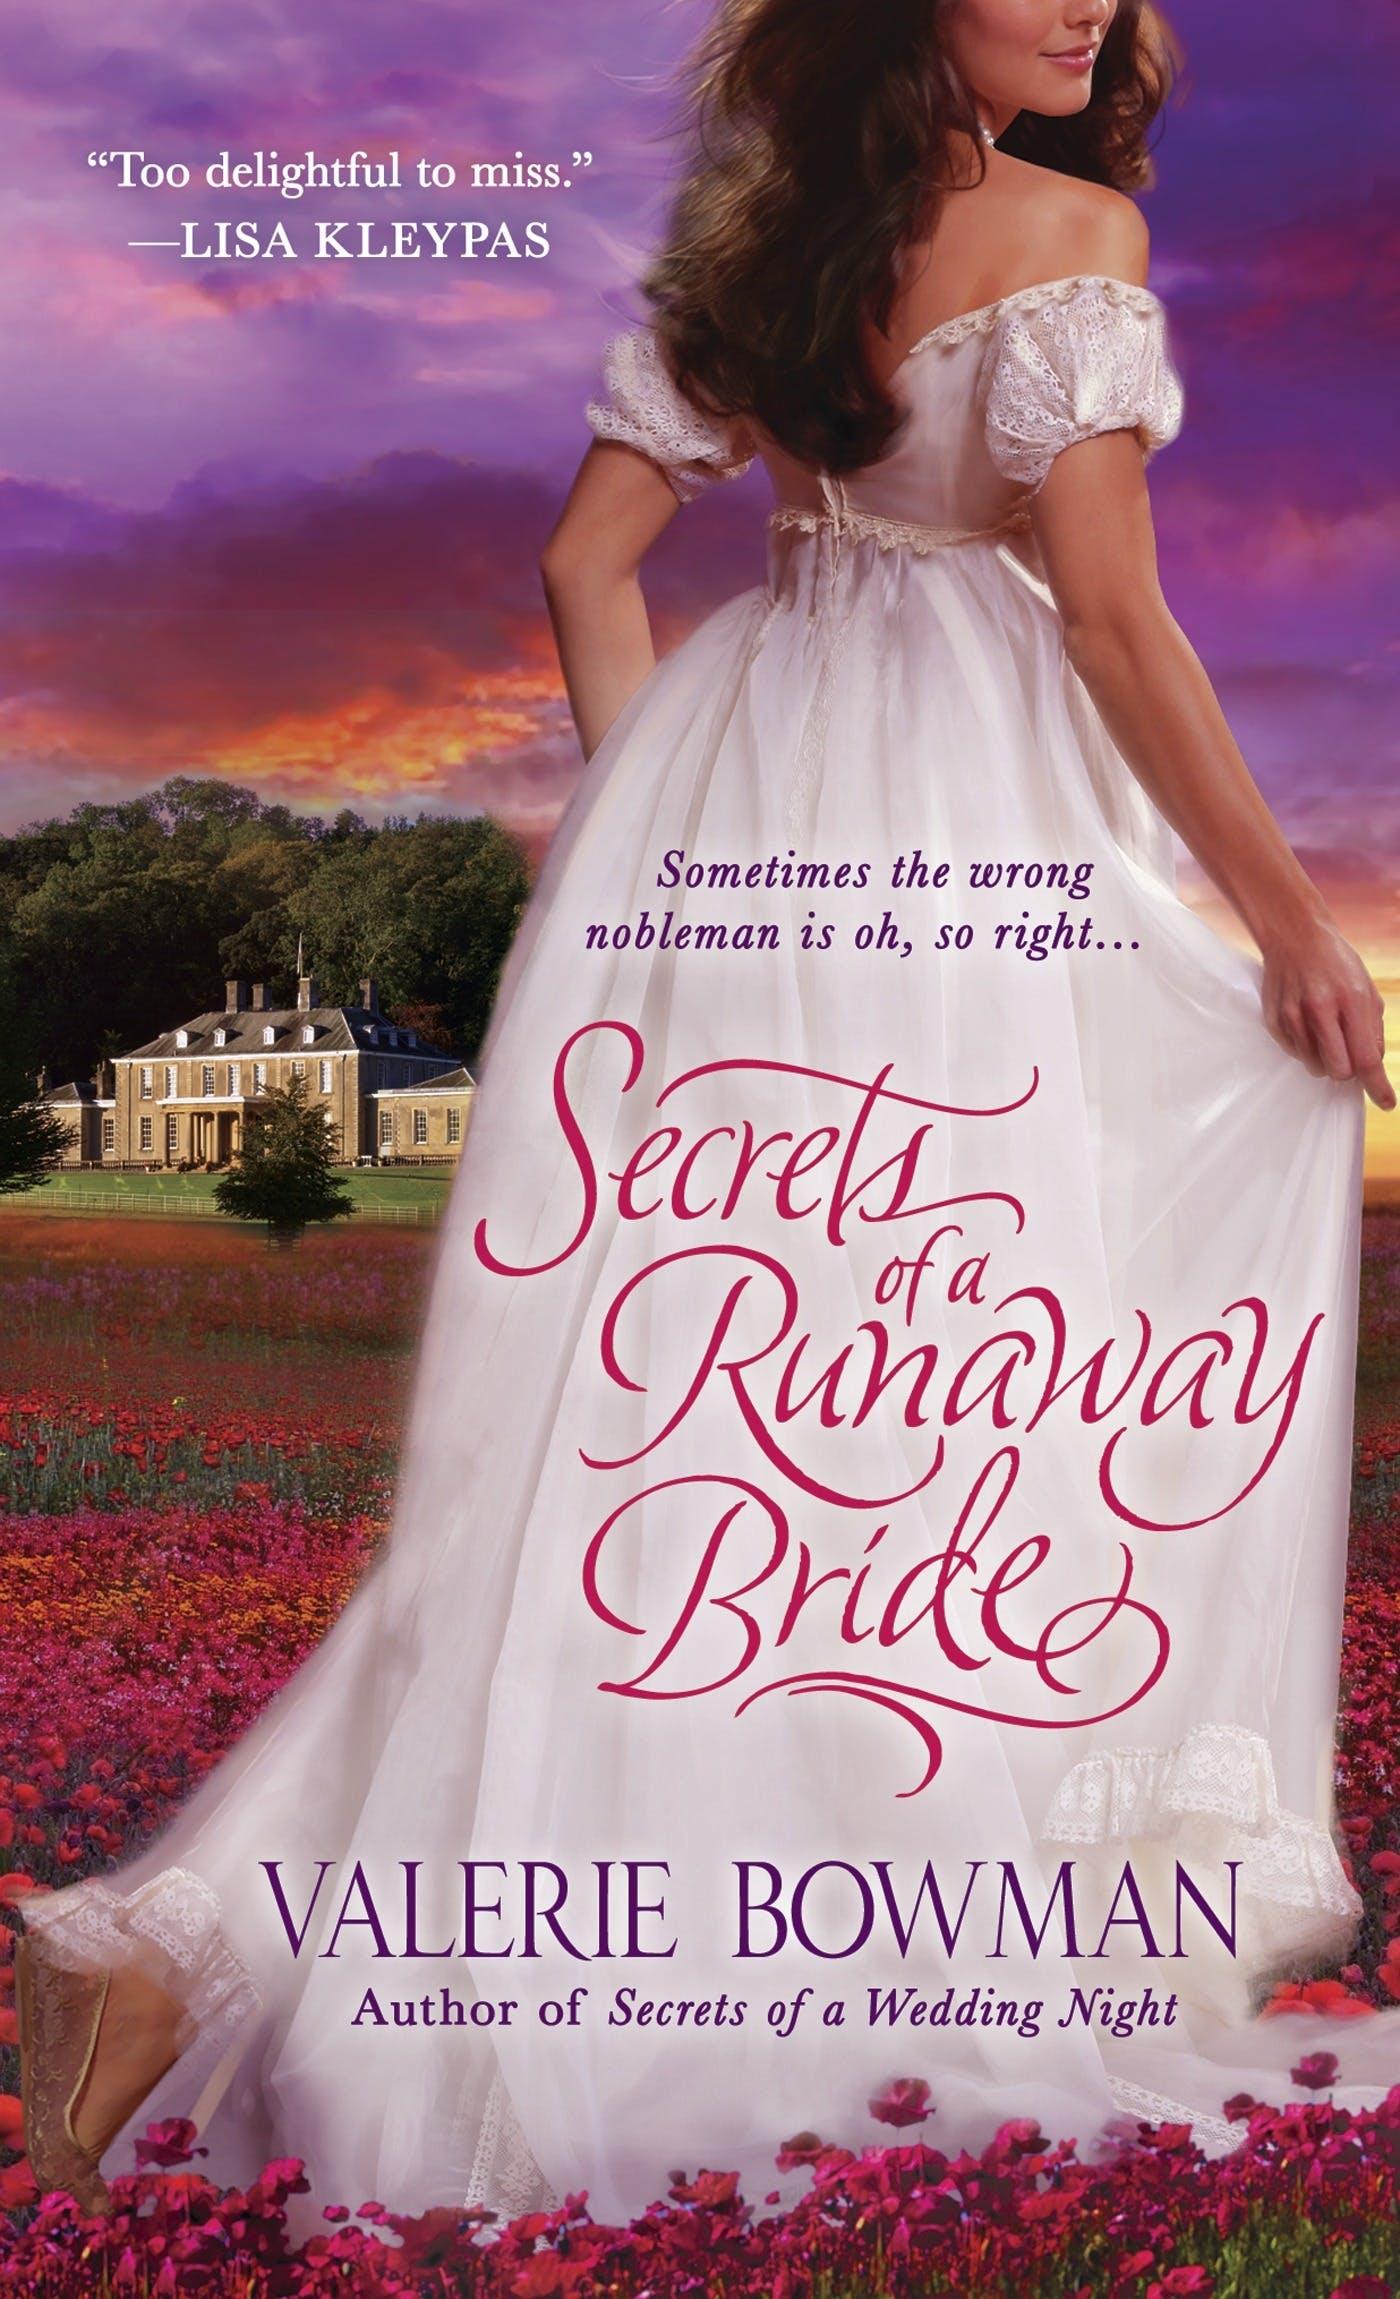 Image of Secrets of a Runaway Bride